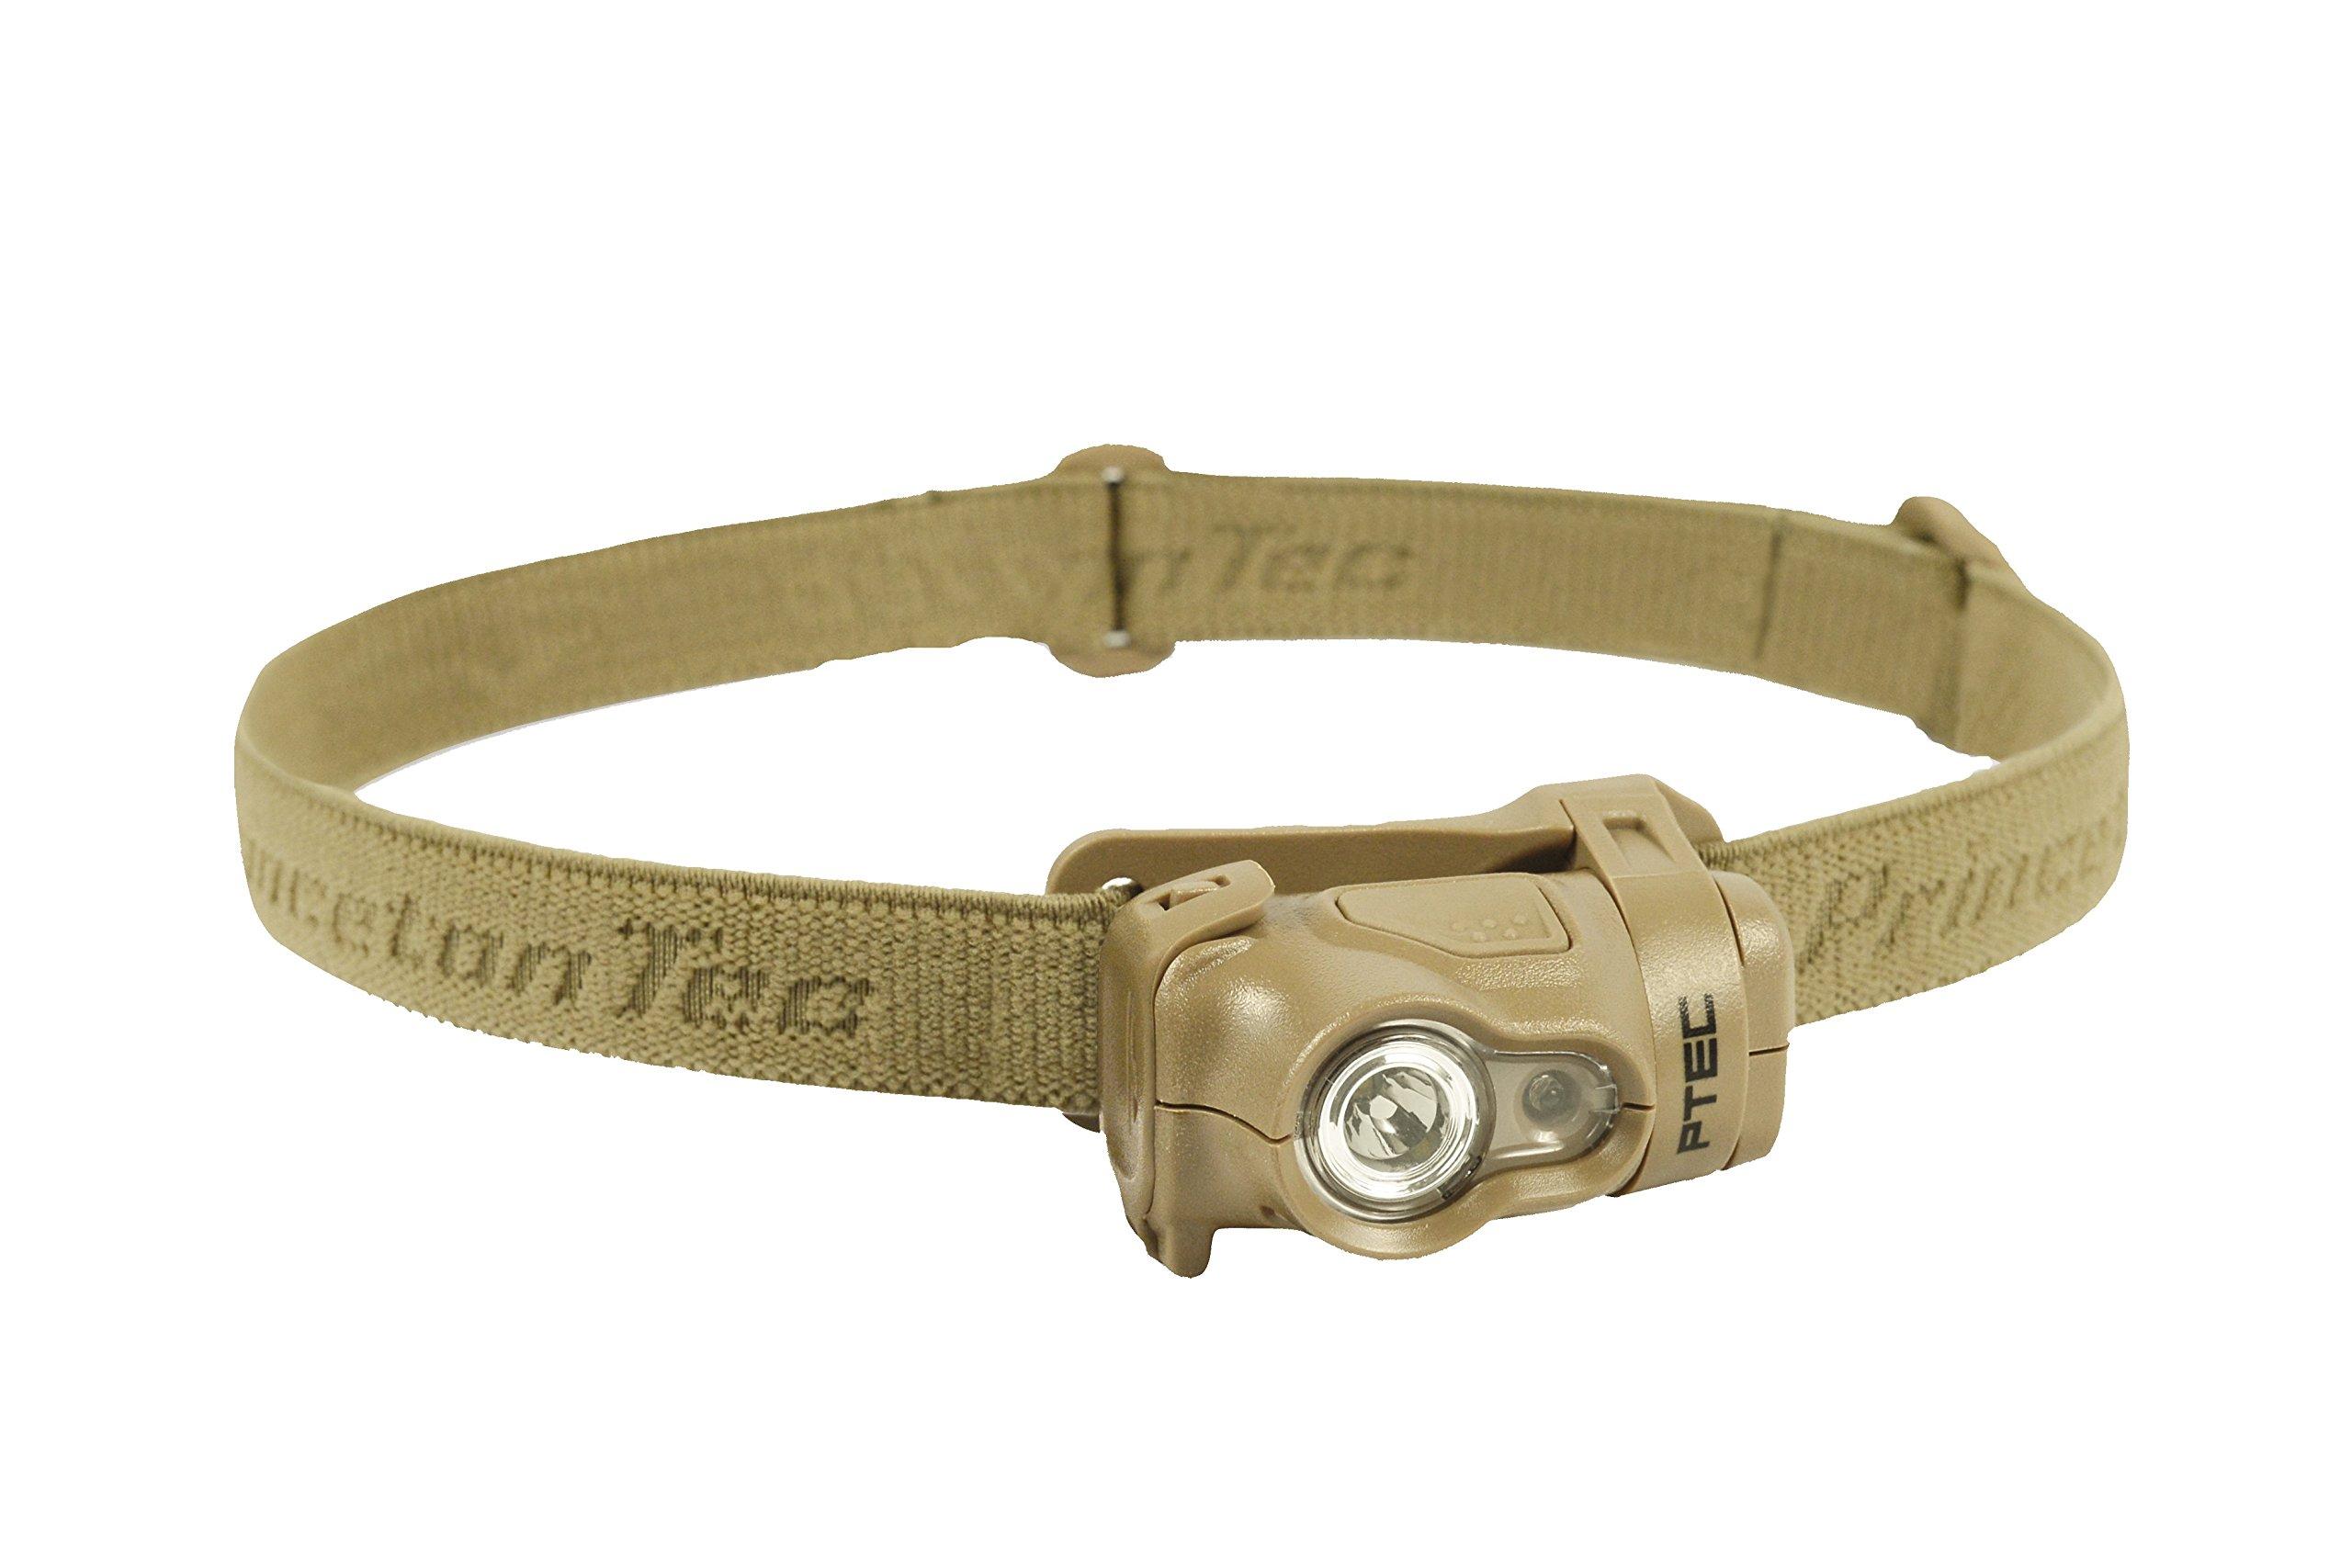 Princeton Tec Byte Tactical Headlamp (100 Lumens, Tan)